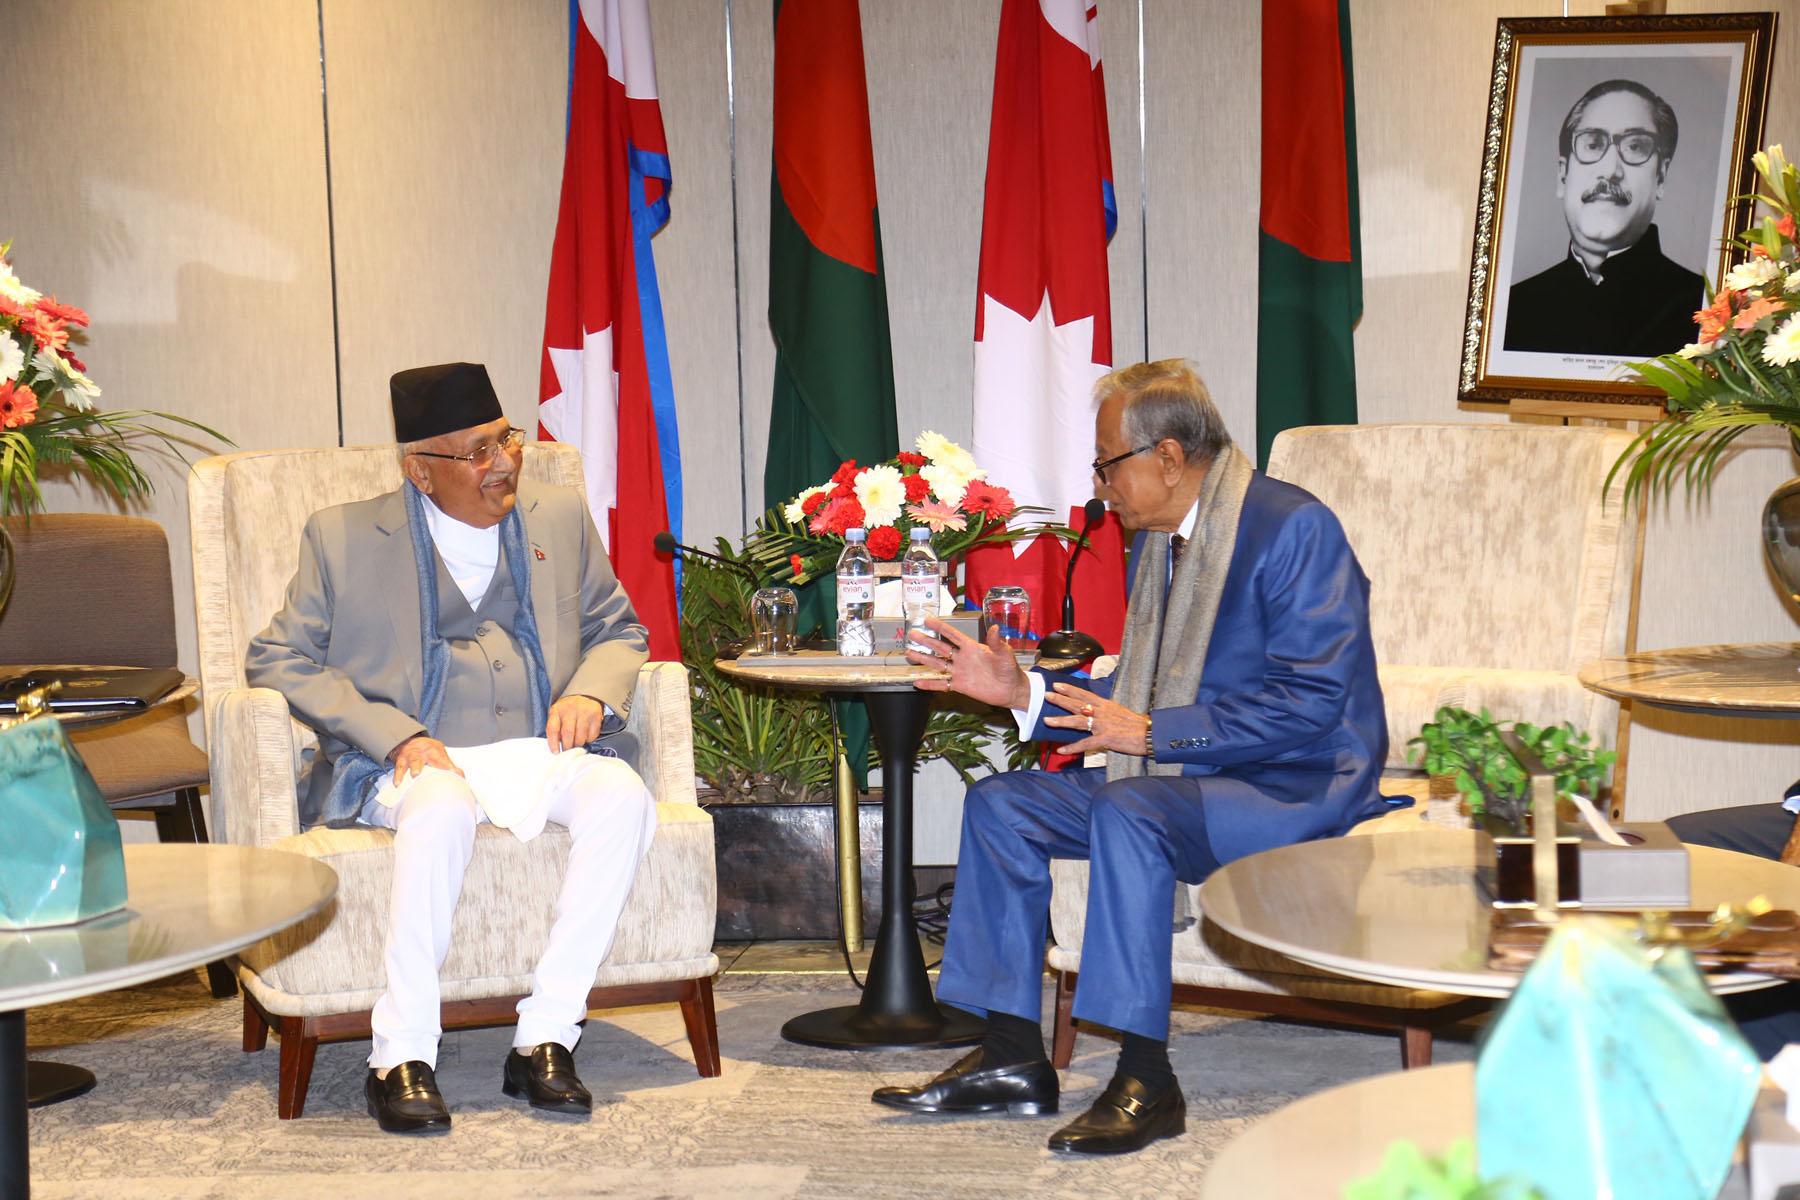 बङ्गलादेशी राष्ट्रपतिसँग उपराष्ट्रपति र प्रधानमन्त्रीको शिष्टाचार भेट, नेपालको समृद्धिमा बङ्गलादेशले सघाउने